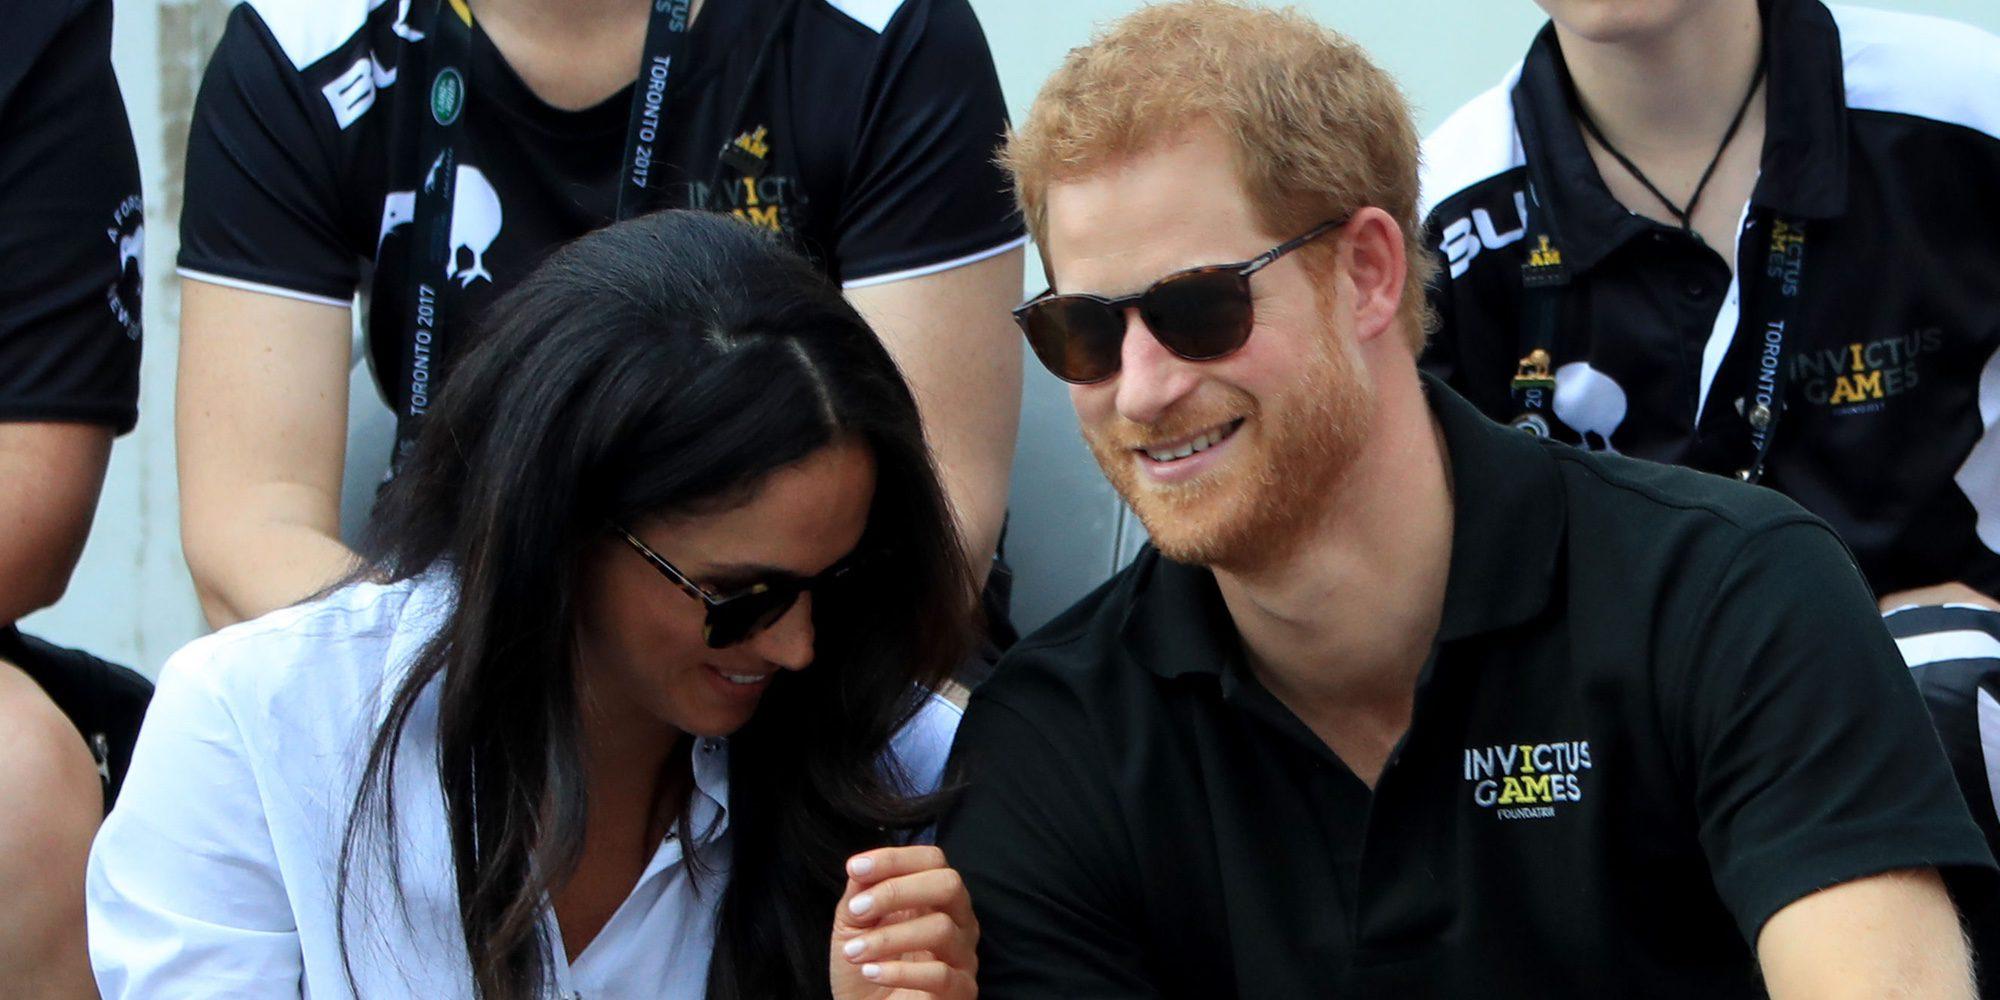 La Familia Real Británica, encantada de haber acogido como una más a Meghan Markle en Navidad